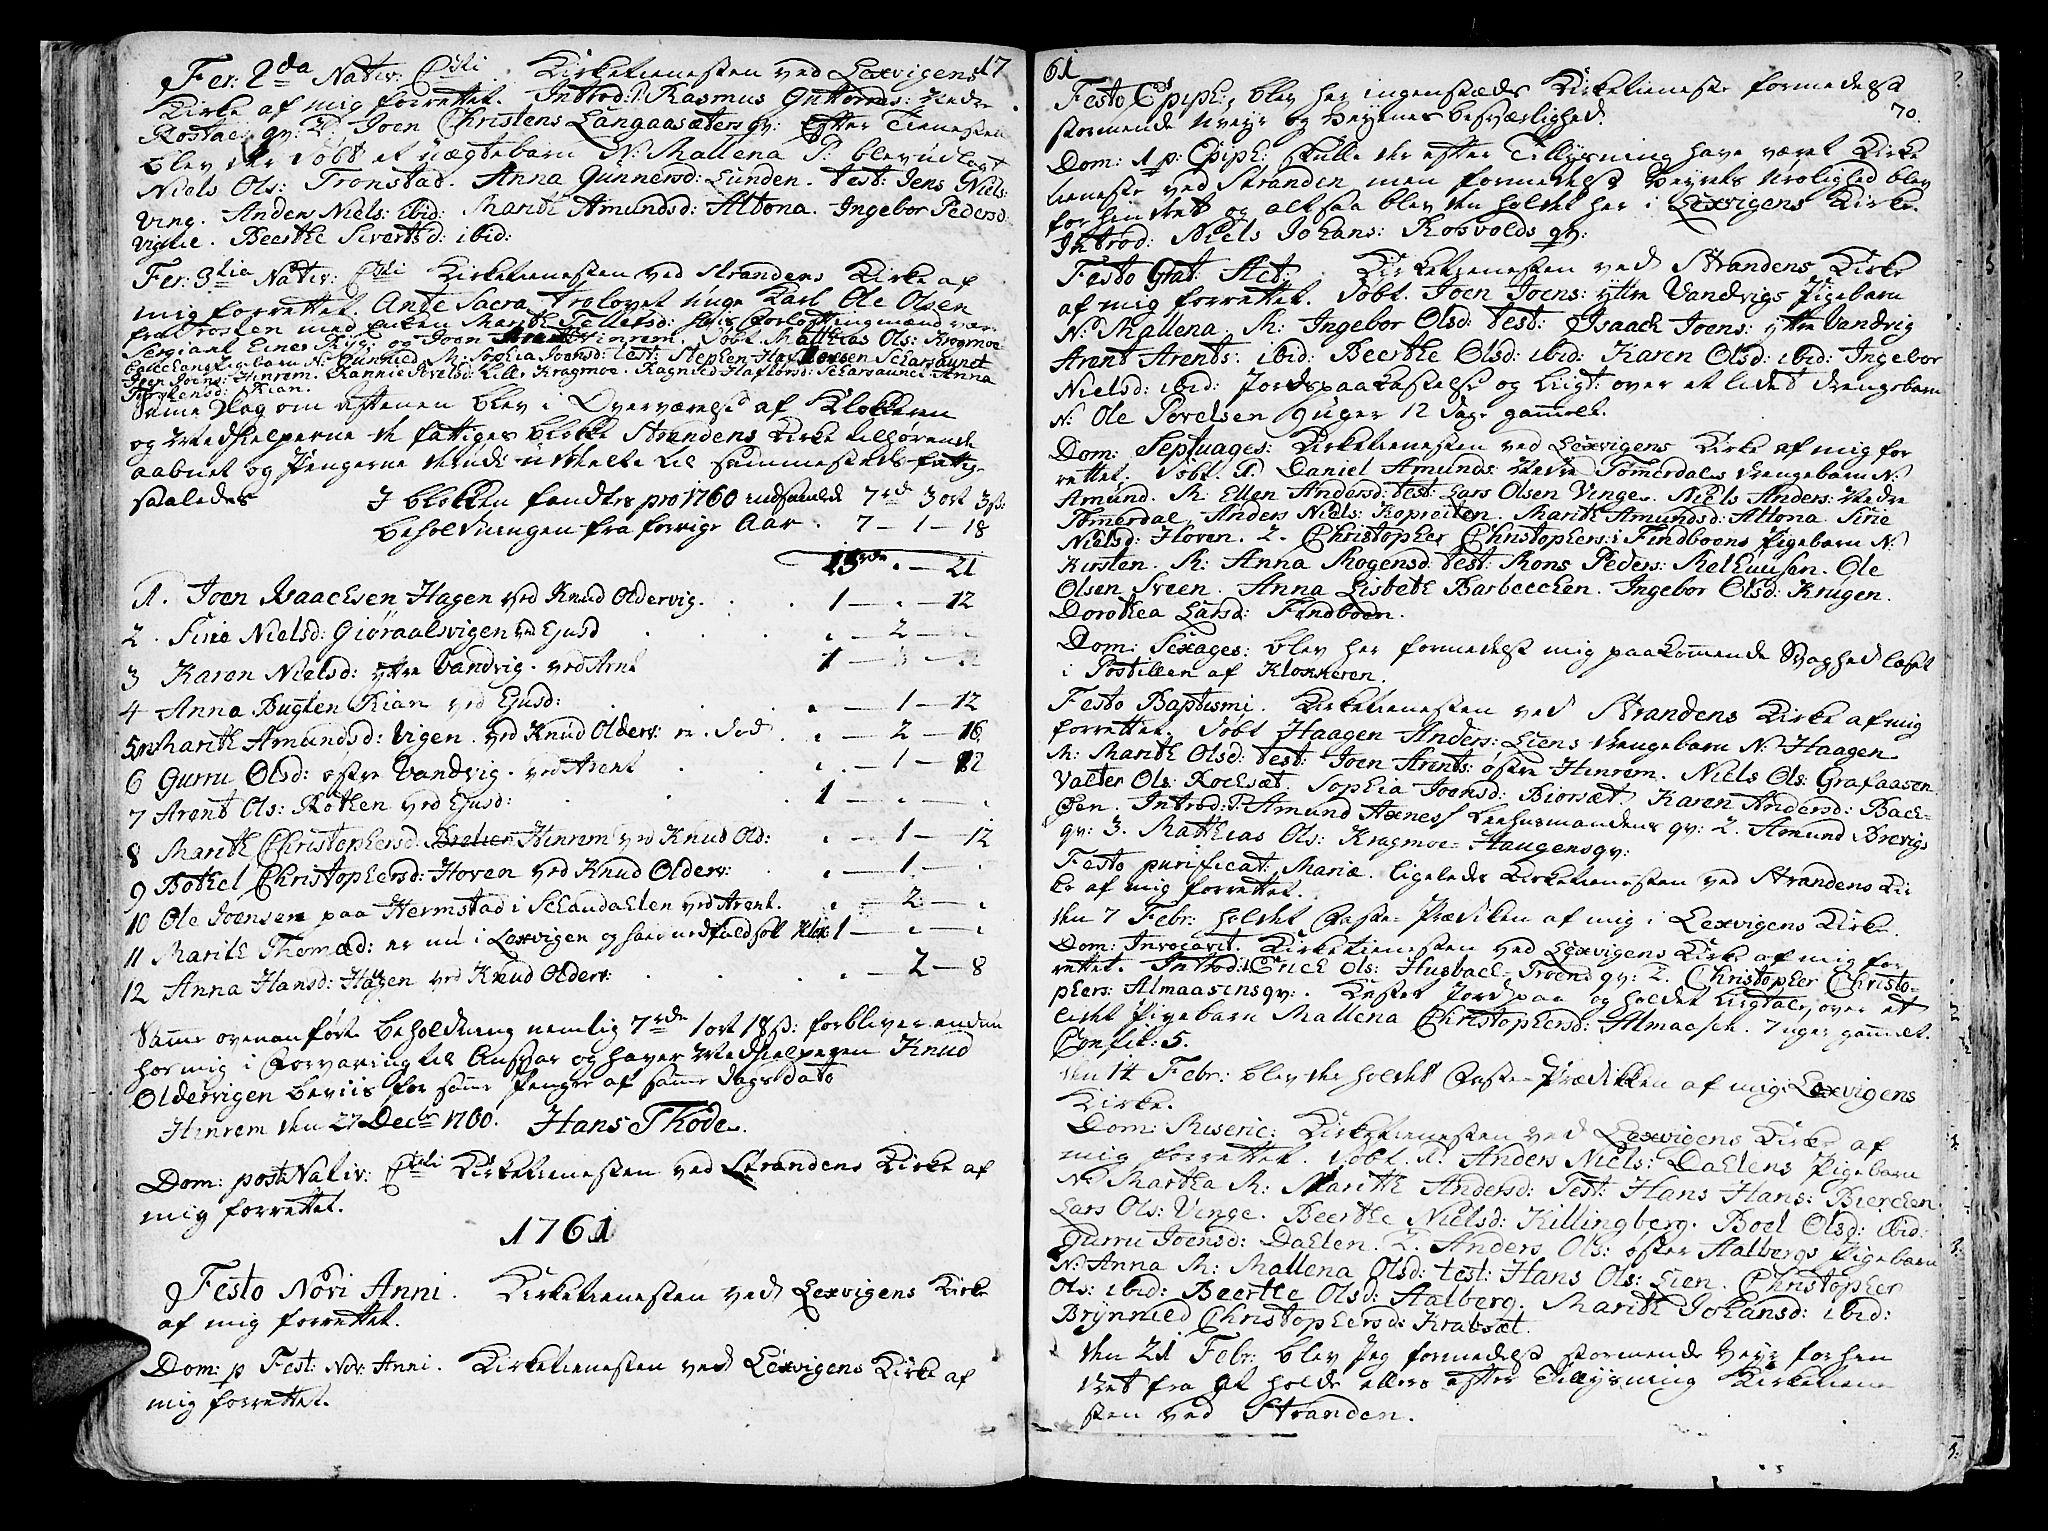 SAT, Ministerialprotokoller, klokkerbøker og fødselsregistre - Nord-Trøndelag, 701/L0003: Ministerialbok nr. 701A03, 1751-1783, s. 70